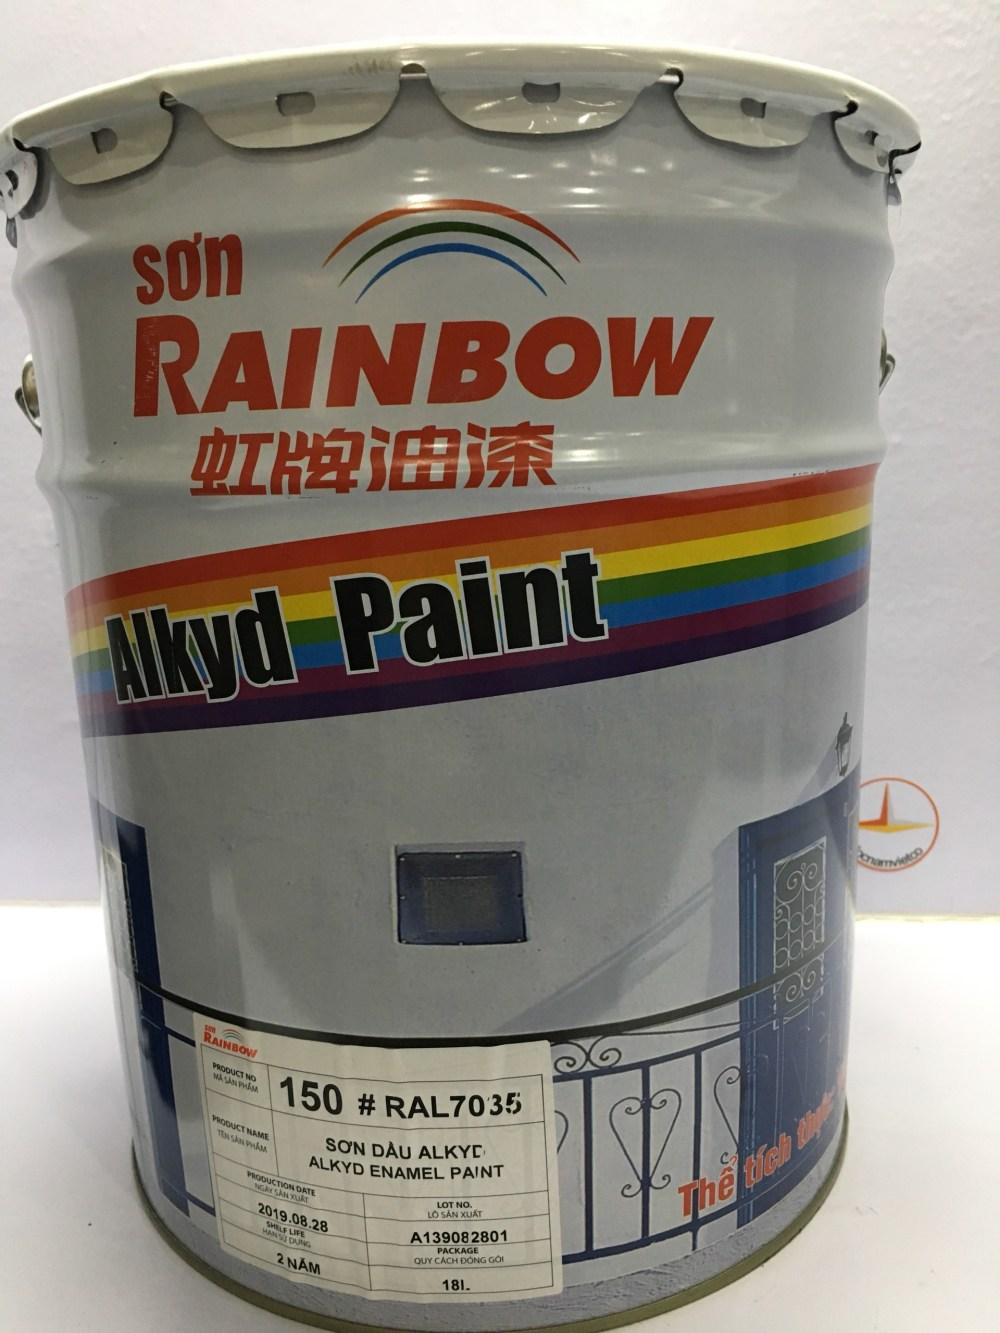 SON ALKYD RAINBOW 150 RAL 7035 (1)